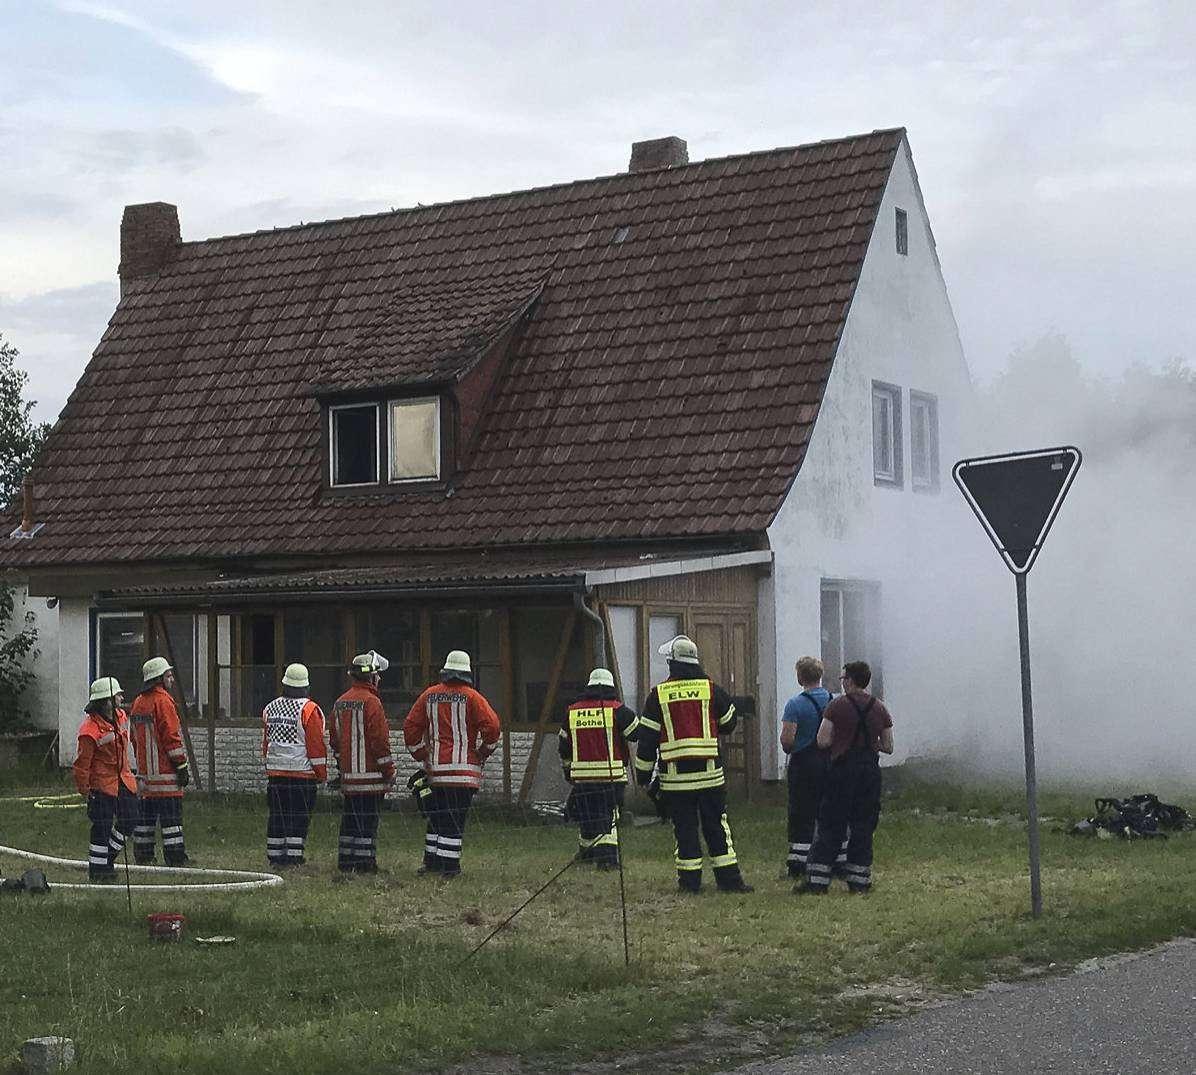 Übung der Botheler Feuerwehr: Ortsbrandmeister Oliver Große lobt die Einsatzbereitschaft.